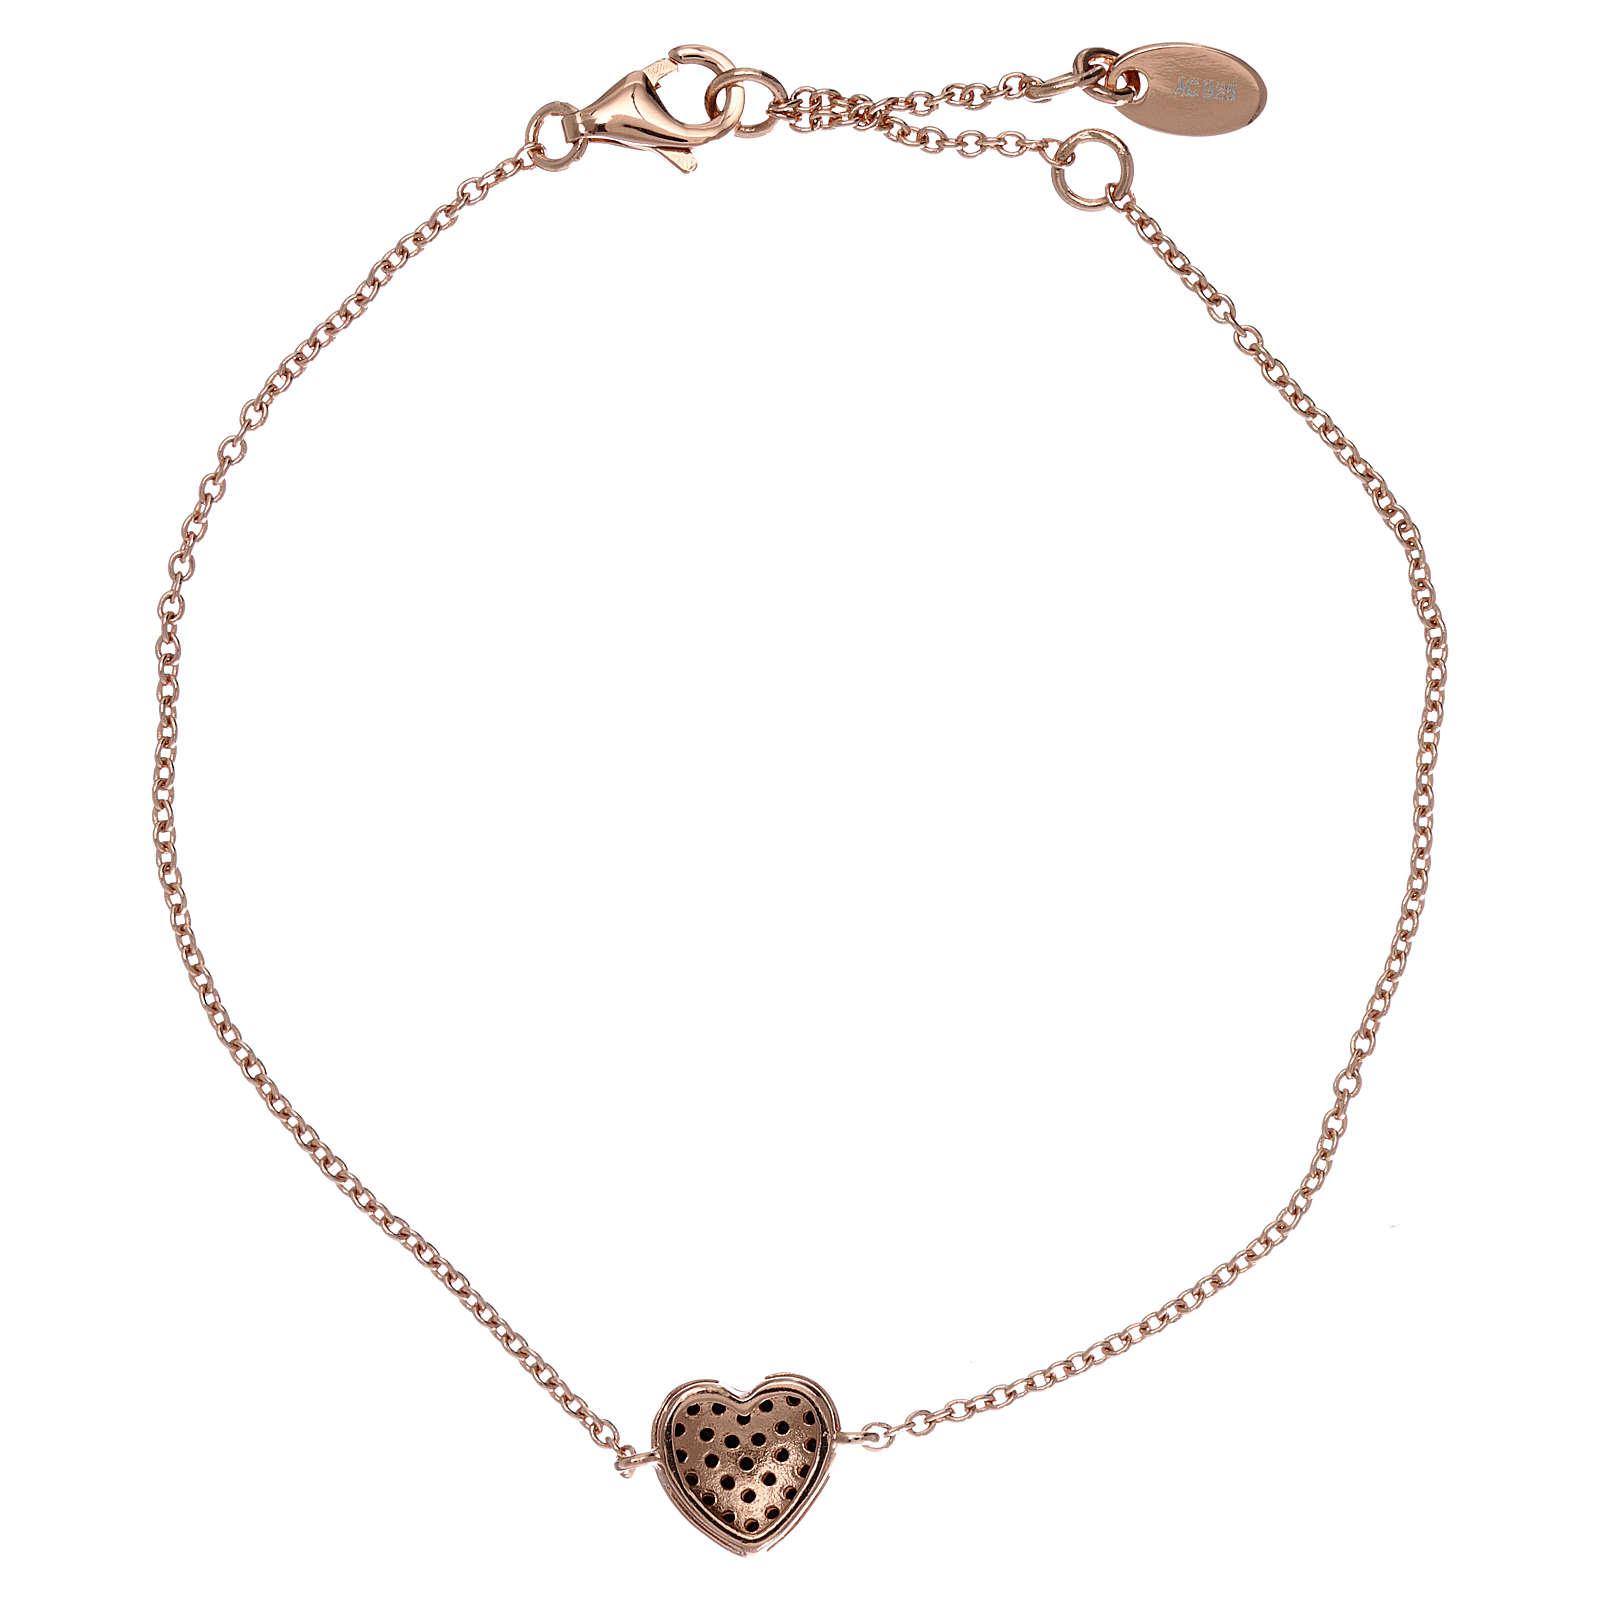 Bracciale argento 925 rosé ciondolo cuore con zirconi neri 4